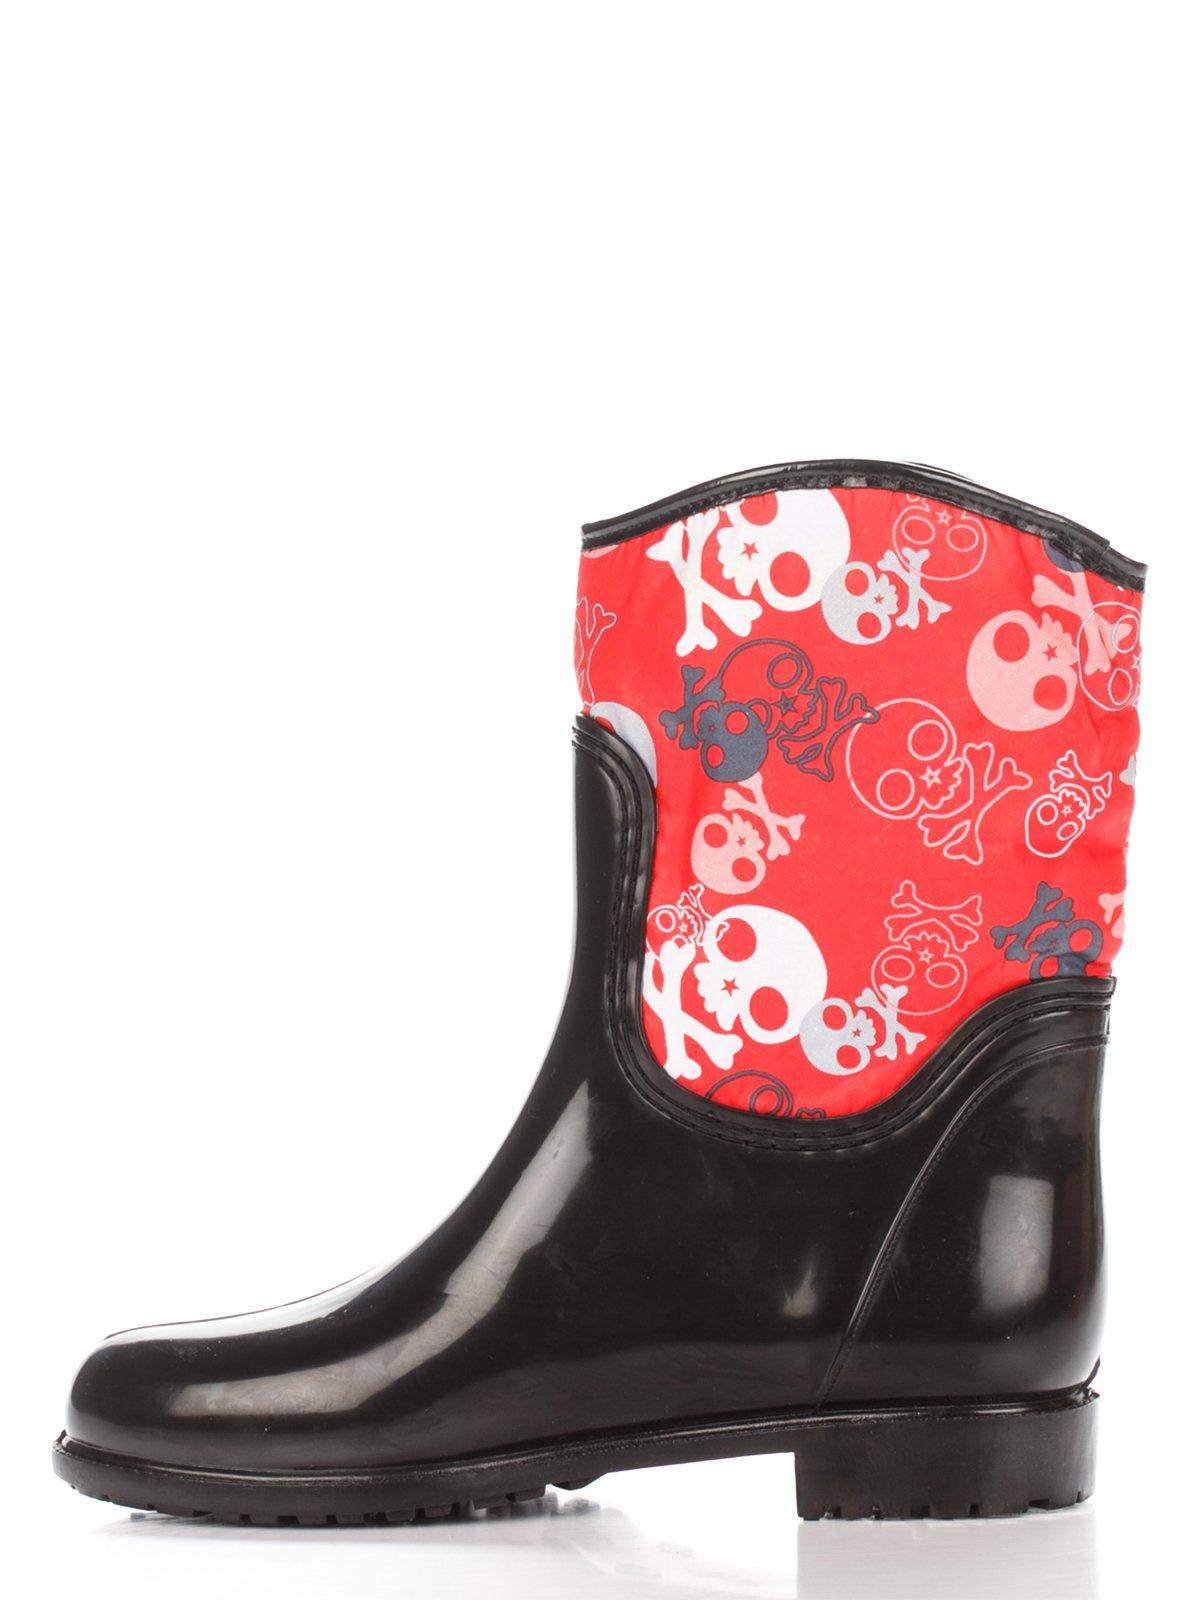 Сапоги черно-красные | 2096725 | фото 2